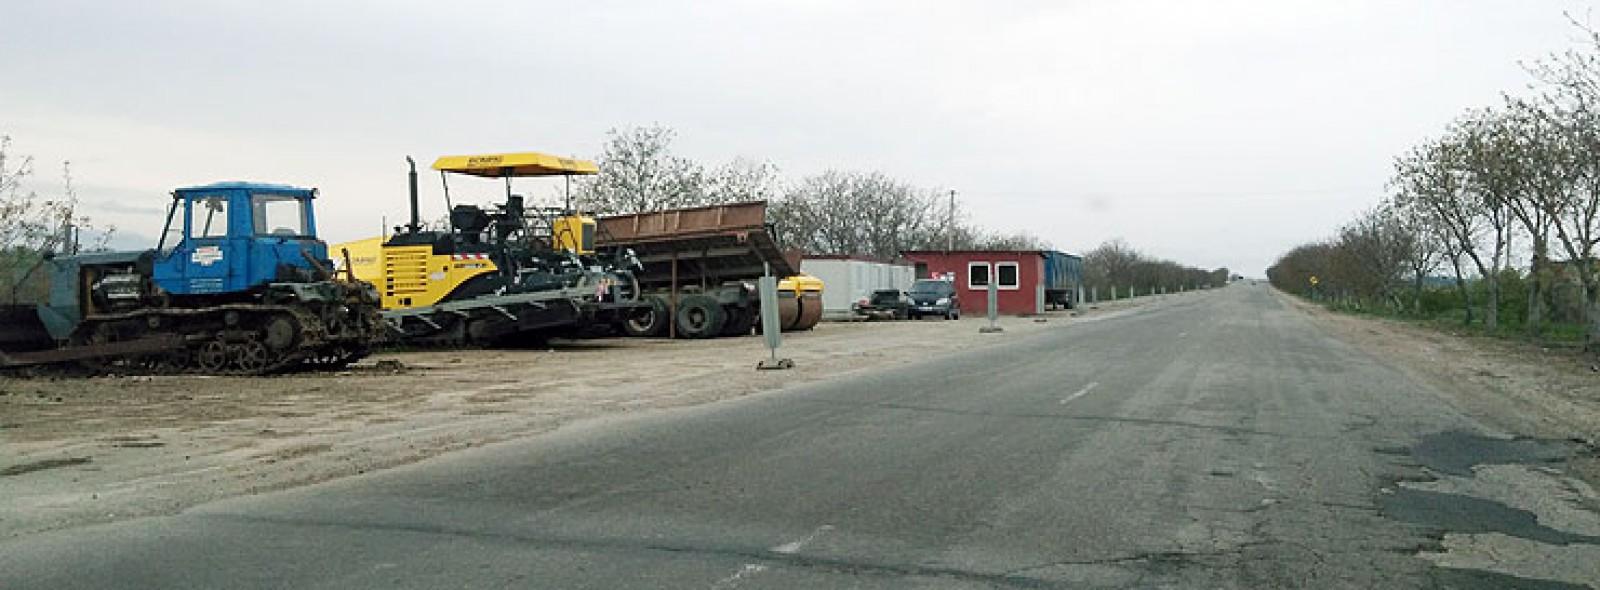 Ministerul Economiei anunță că vrea rezilierea contractului cu firma vizată în dosarul lui Iurie Chirinciuc